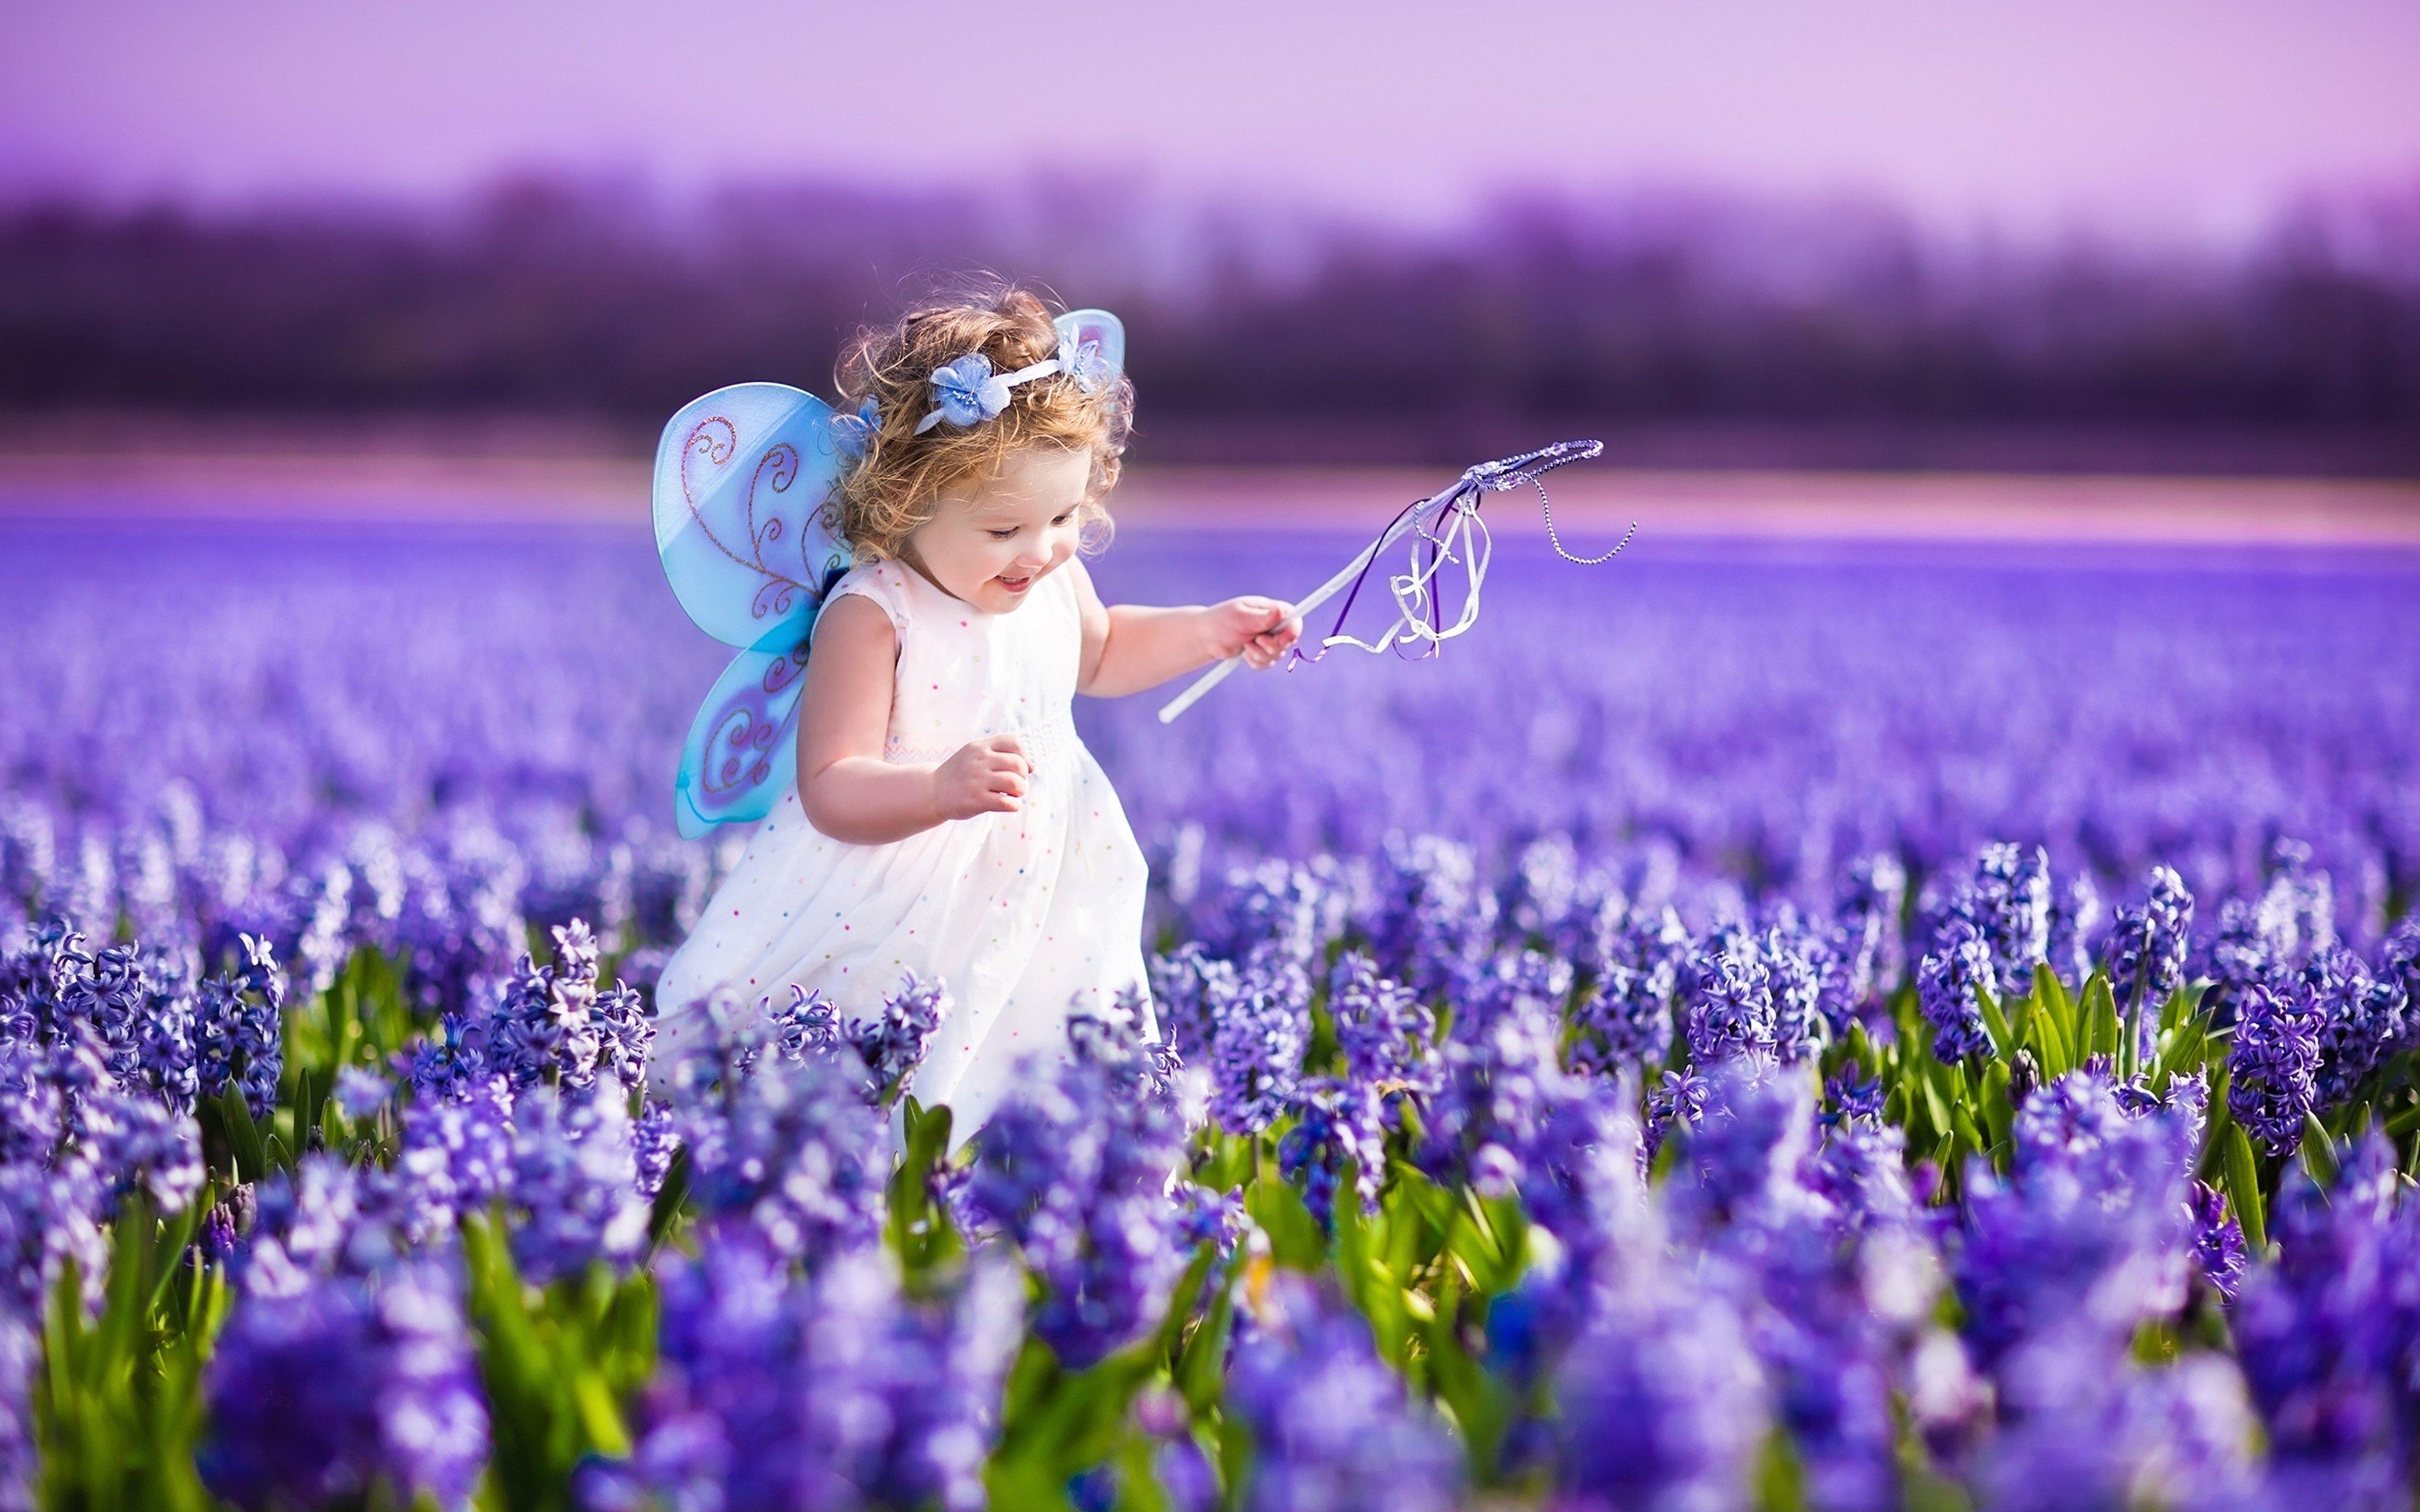 ожидания картинка жизнь это красота значение